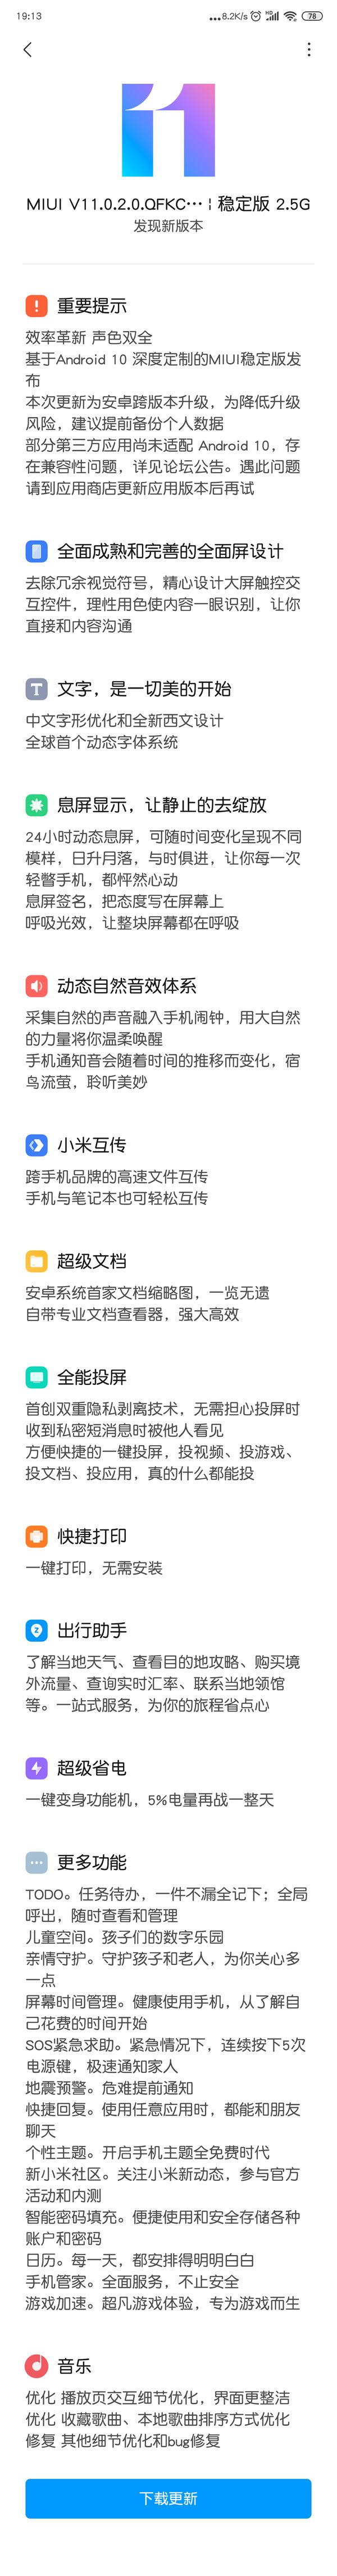 红米Redmi K20 Pro获得MIUI 11稳定版更新-玩懂手机网 - 玩懂手机第一手的手机资讯网(www.wdshouji.com)